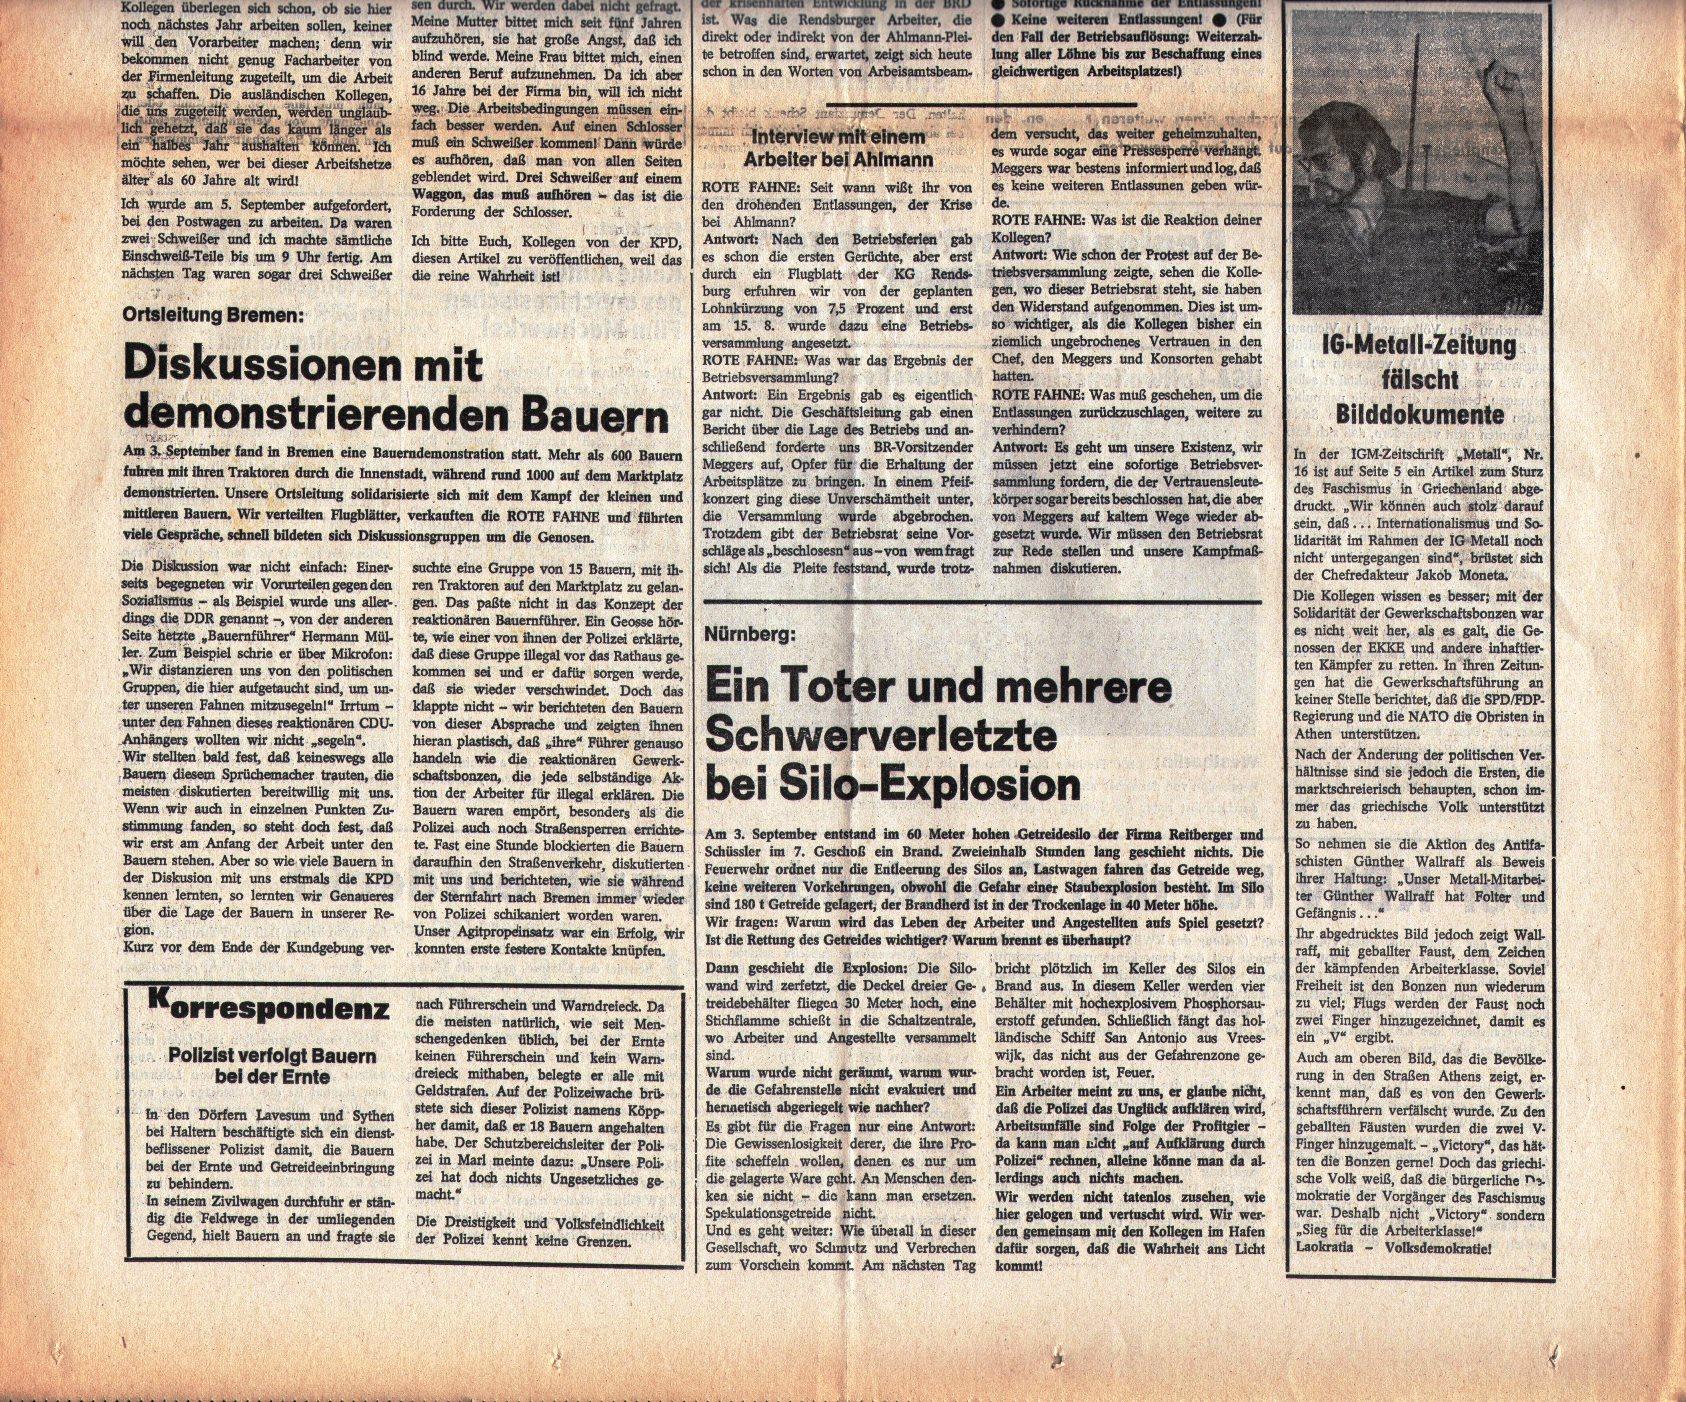 KPD_Rote_Fahne_1974_37_08